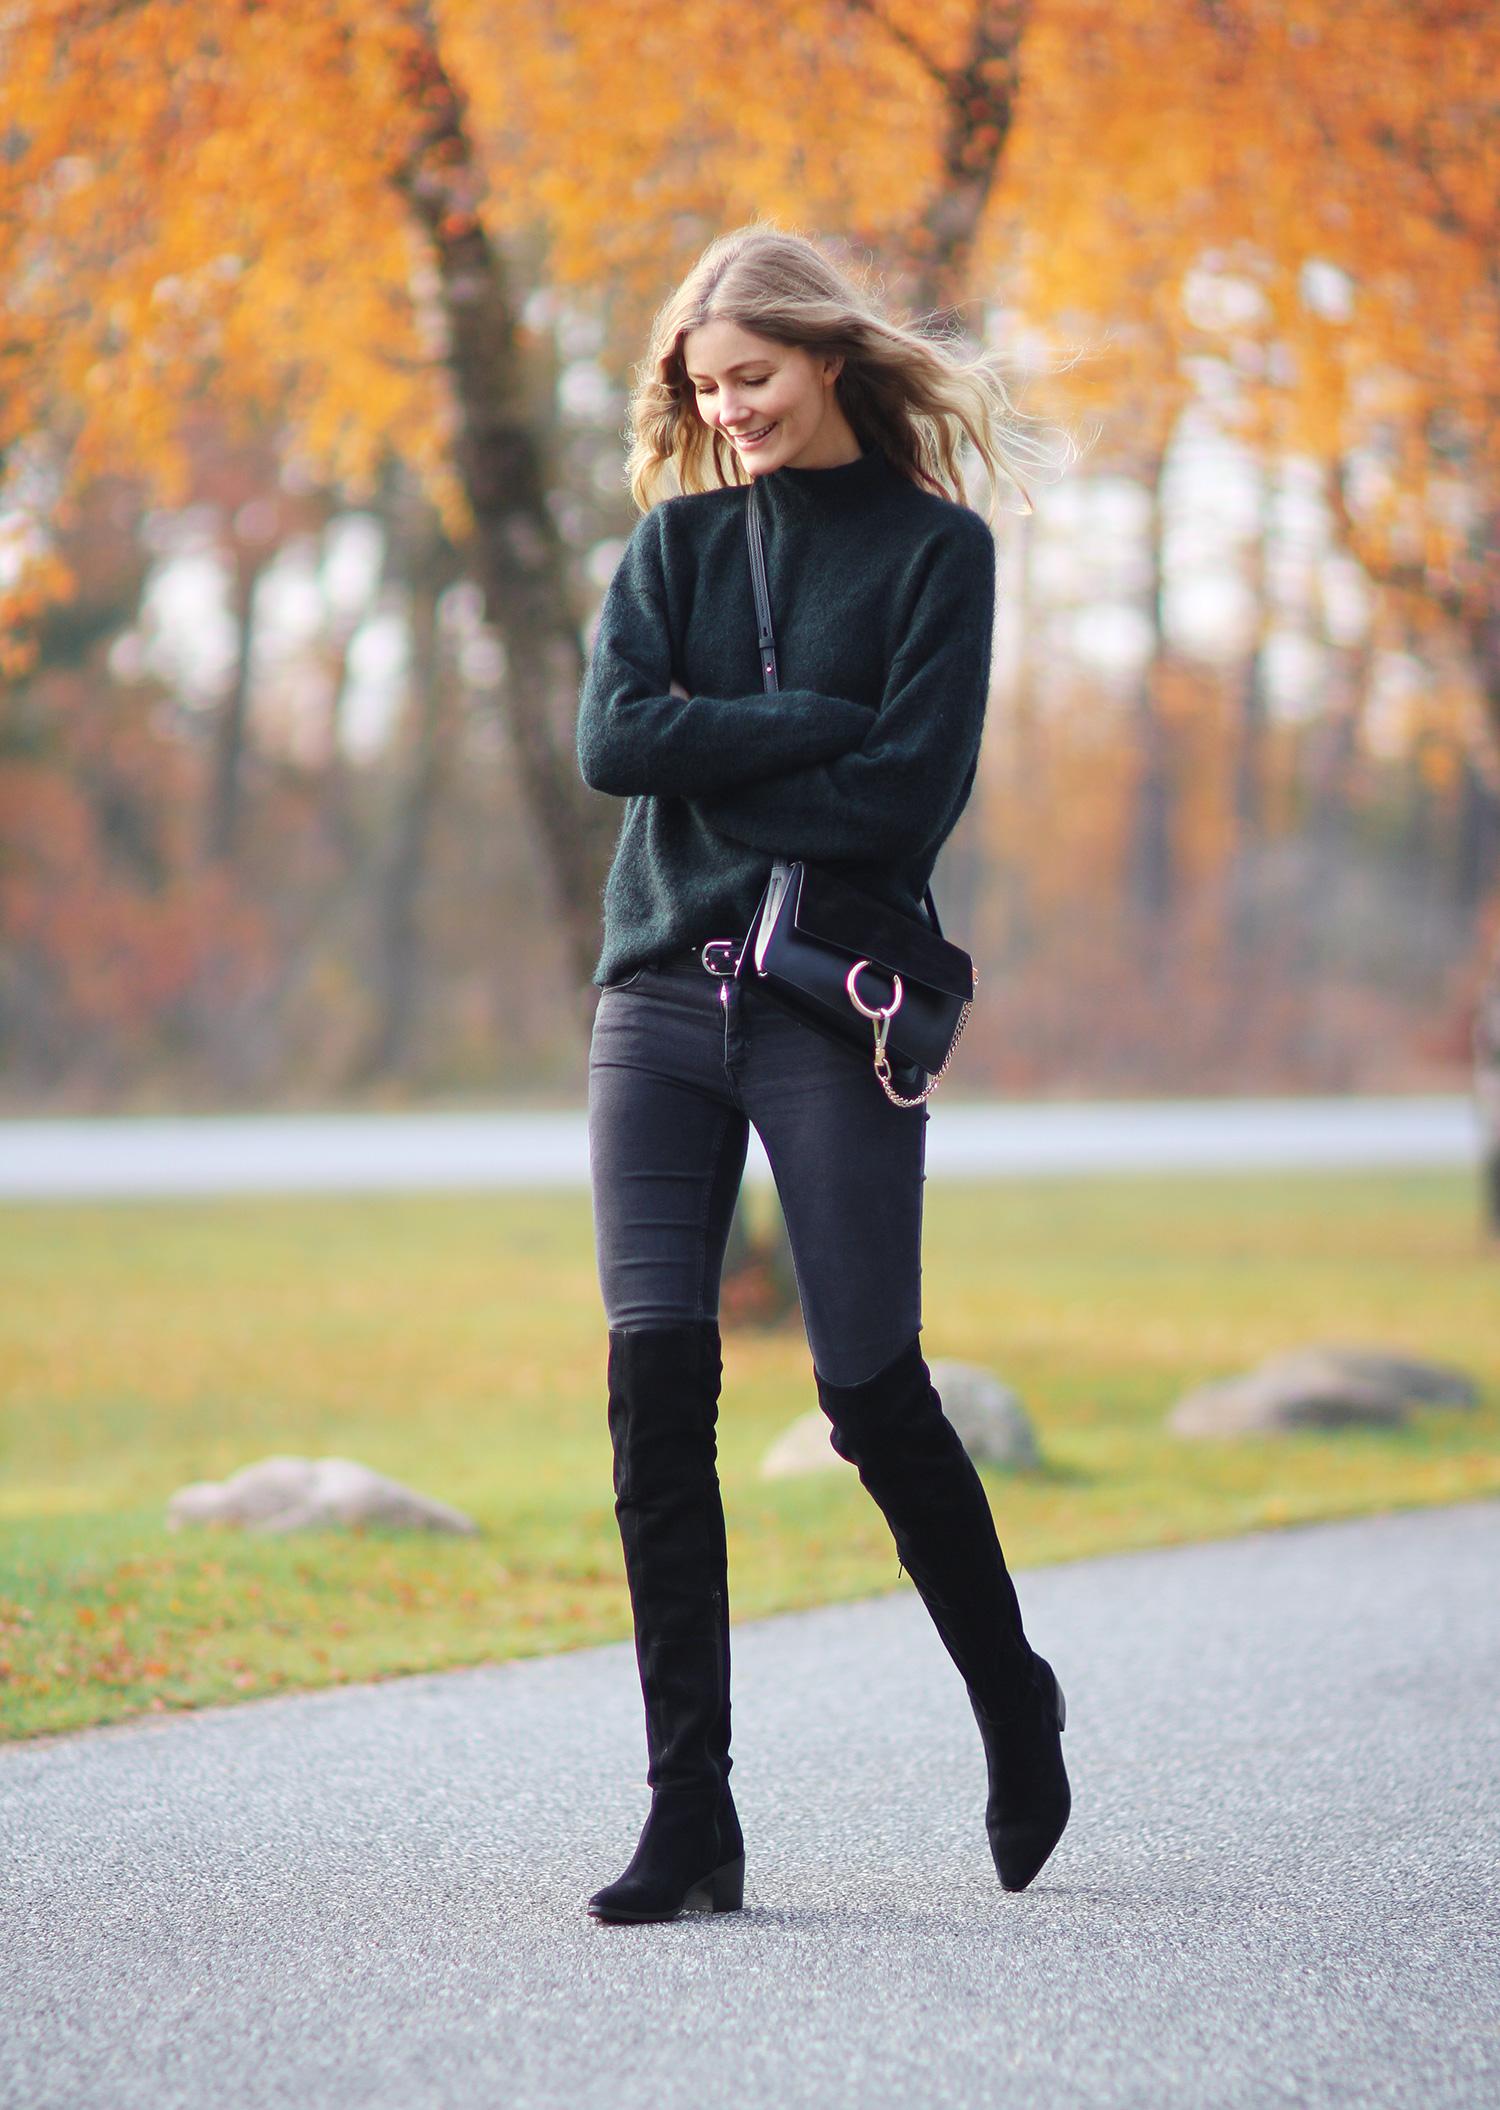 knælange Dueholm støvler knælange Christina støvler YfvIb76gy